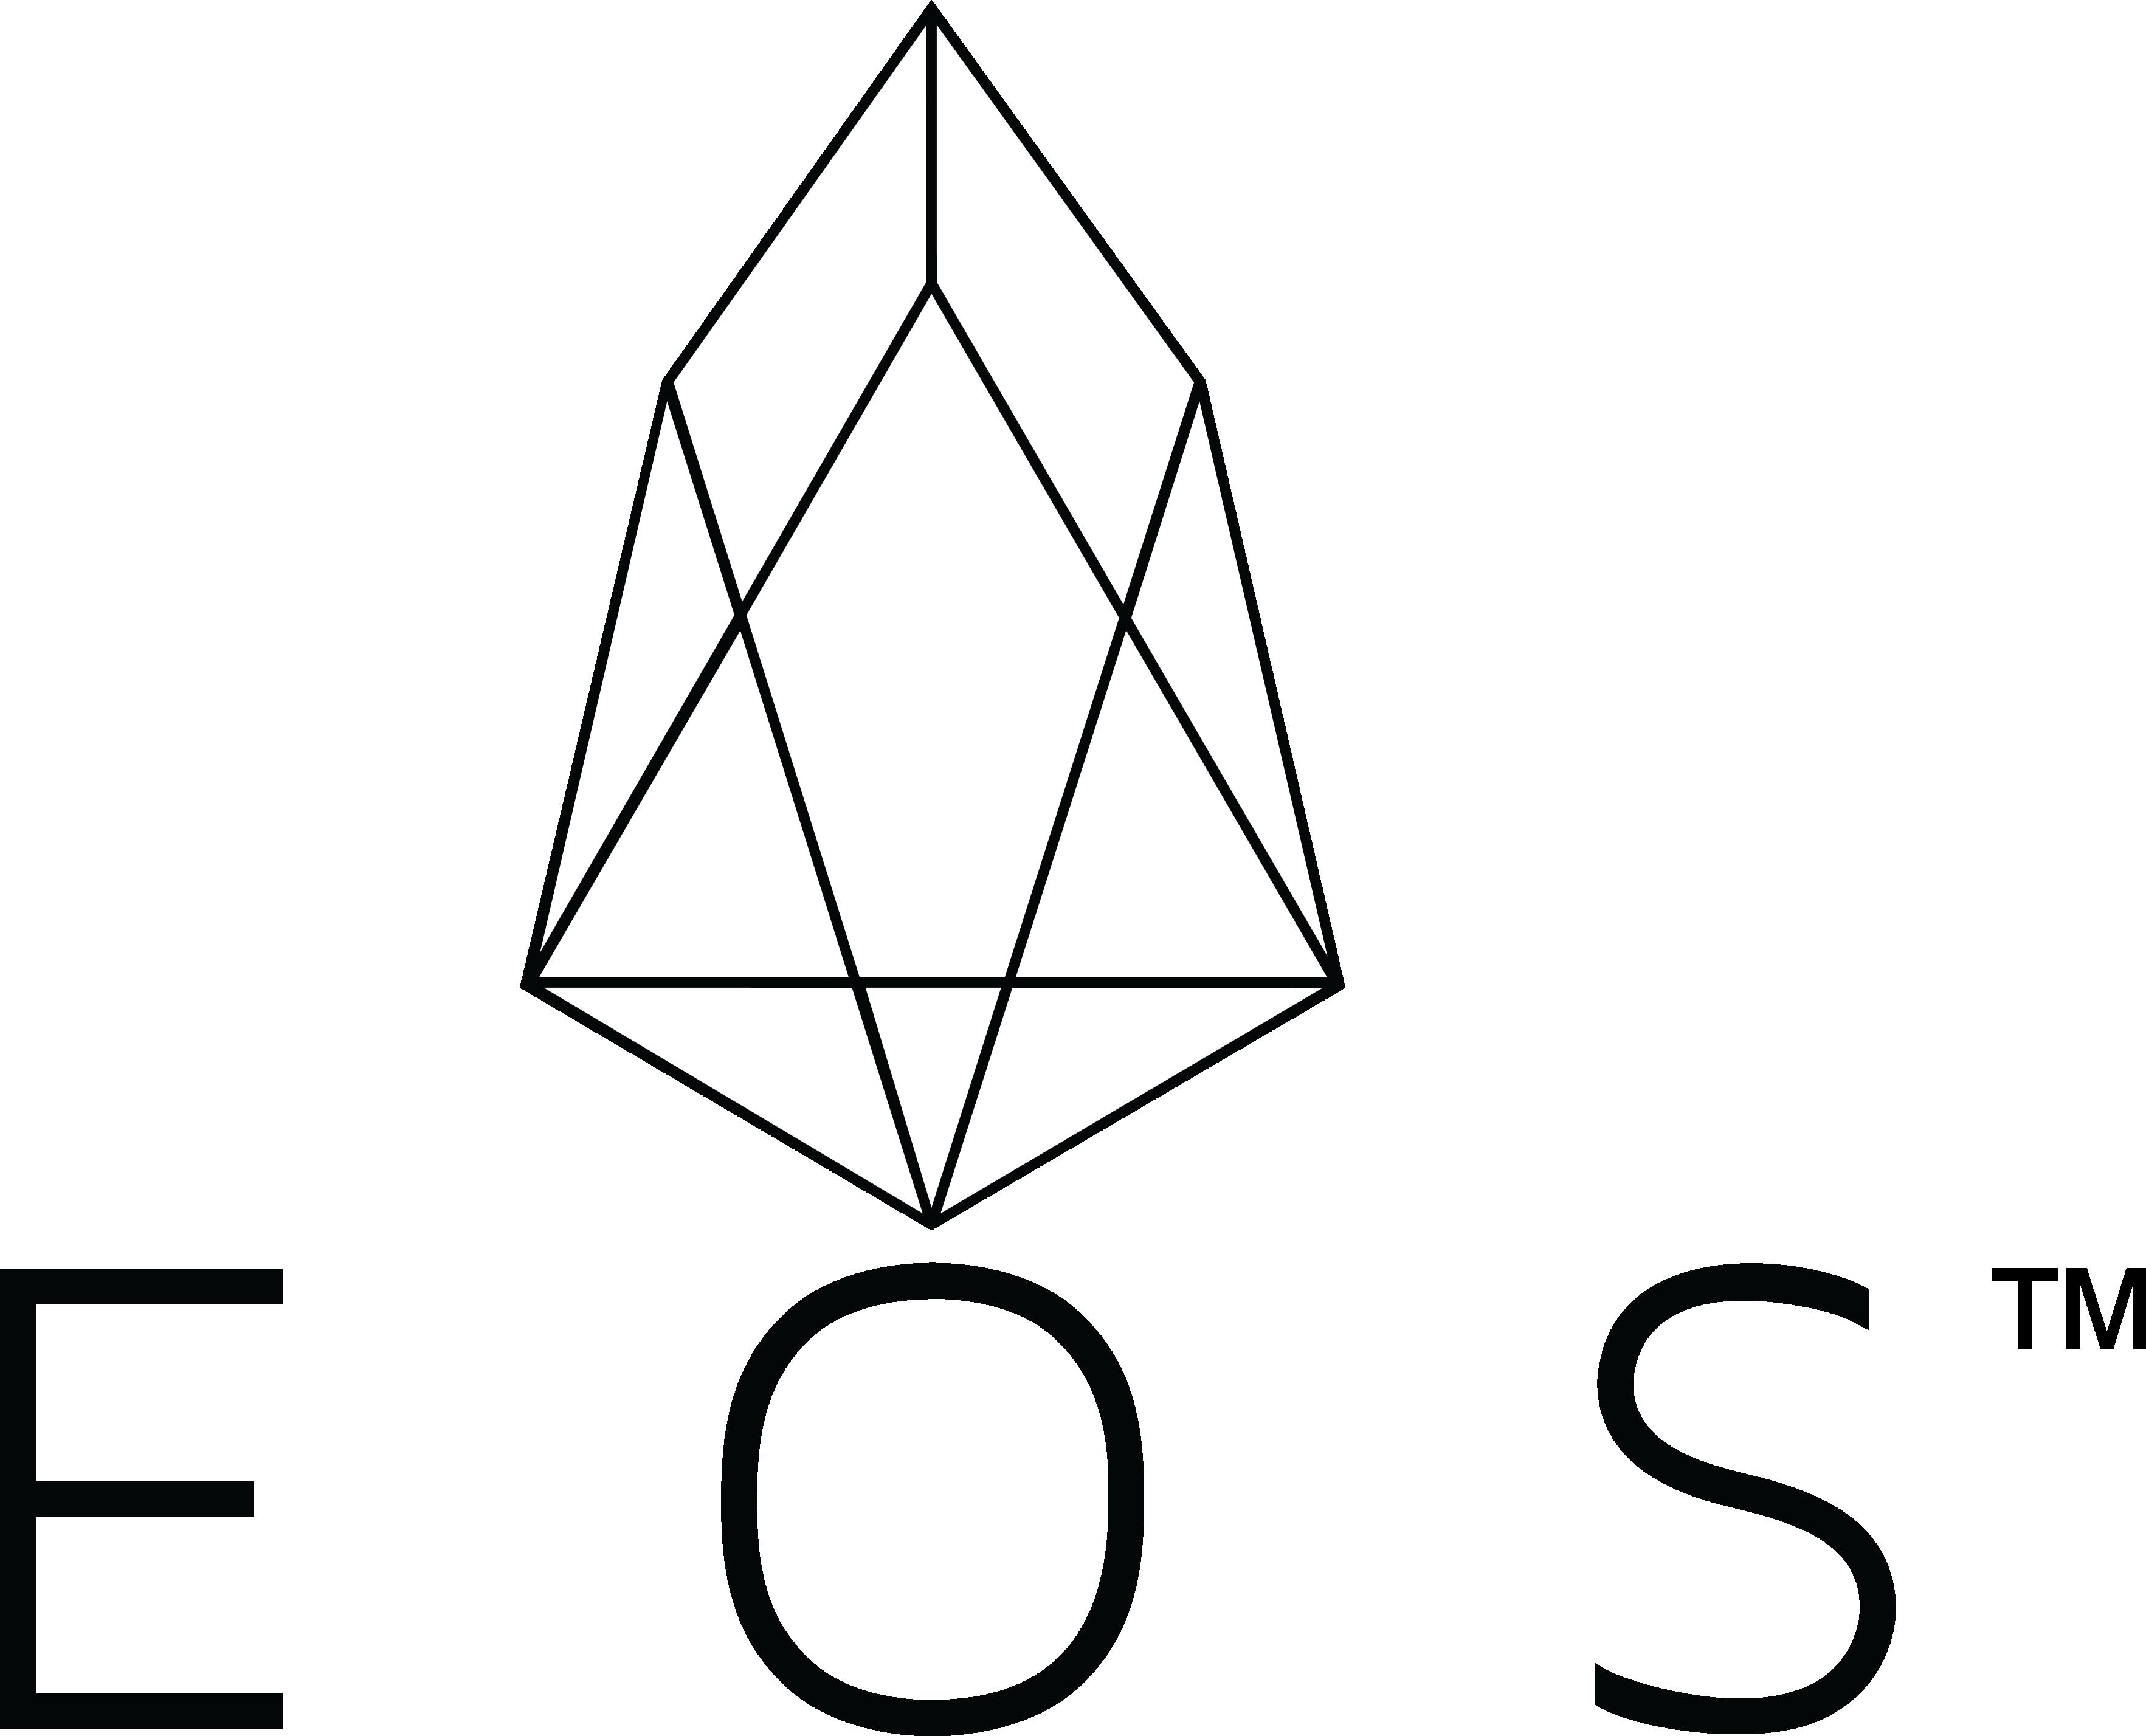 Eos logo clipart